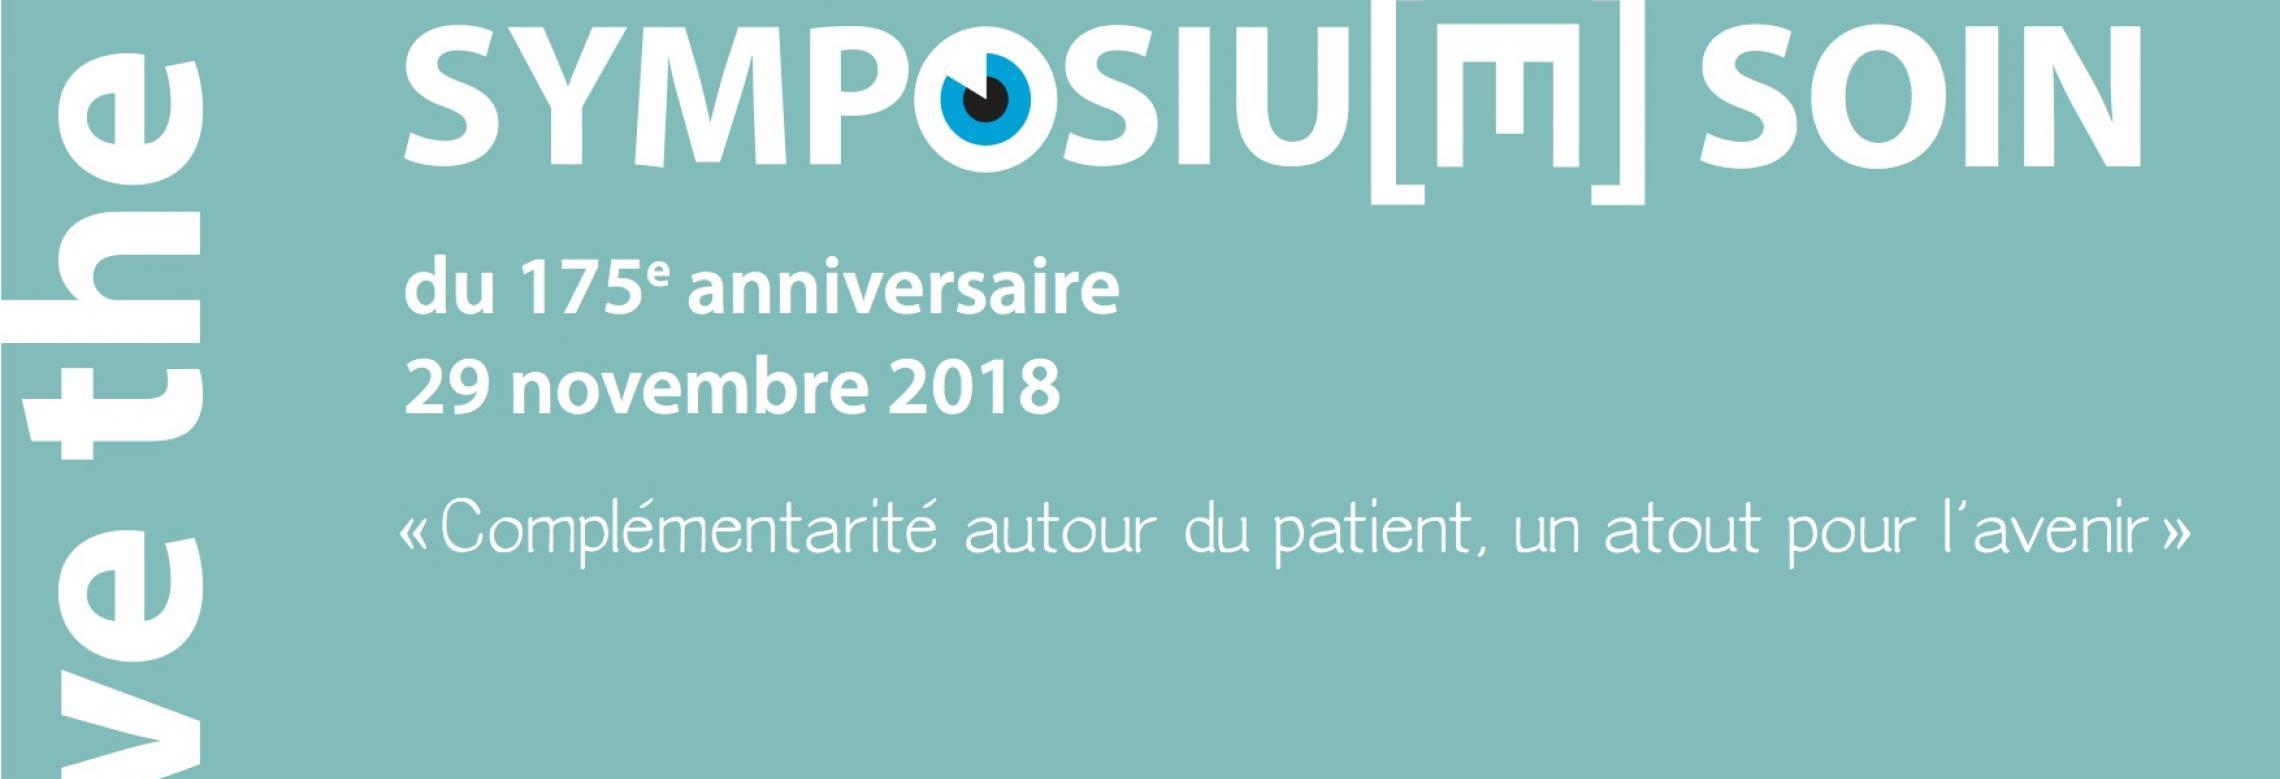 Image de la couverture du save the date du Symposium soin 2018